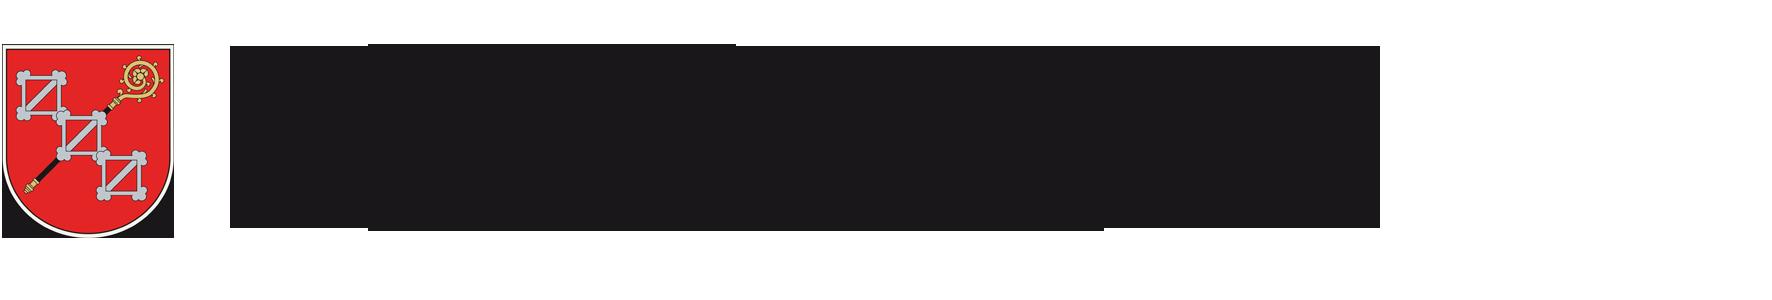 Offizielle Webseite der Ortsgemeinde Korweiler